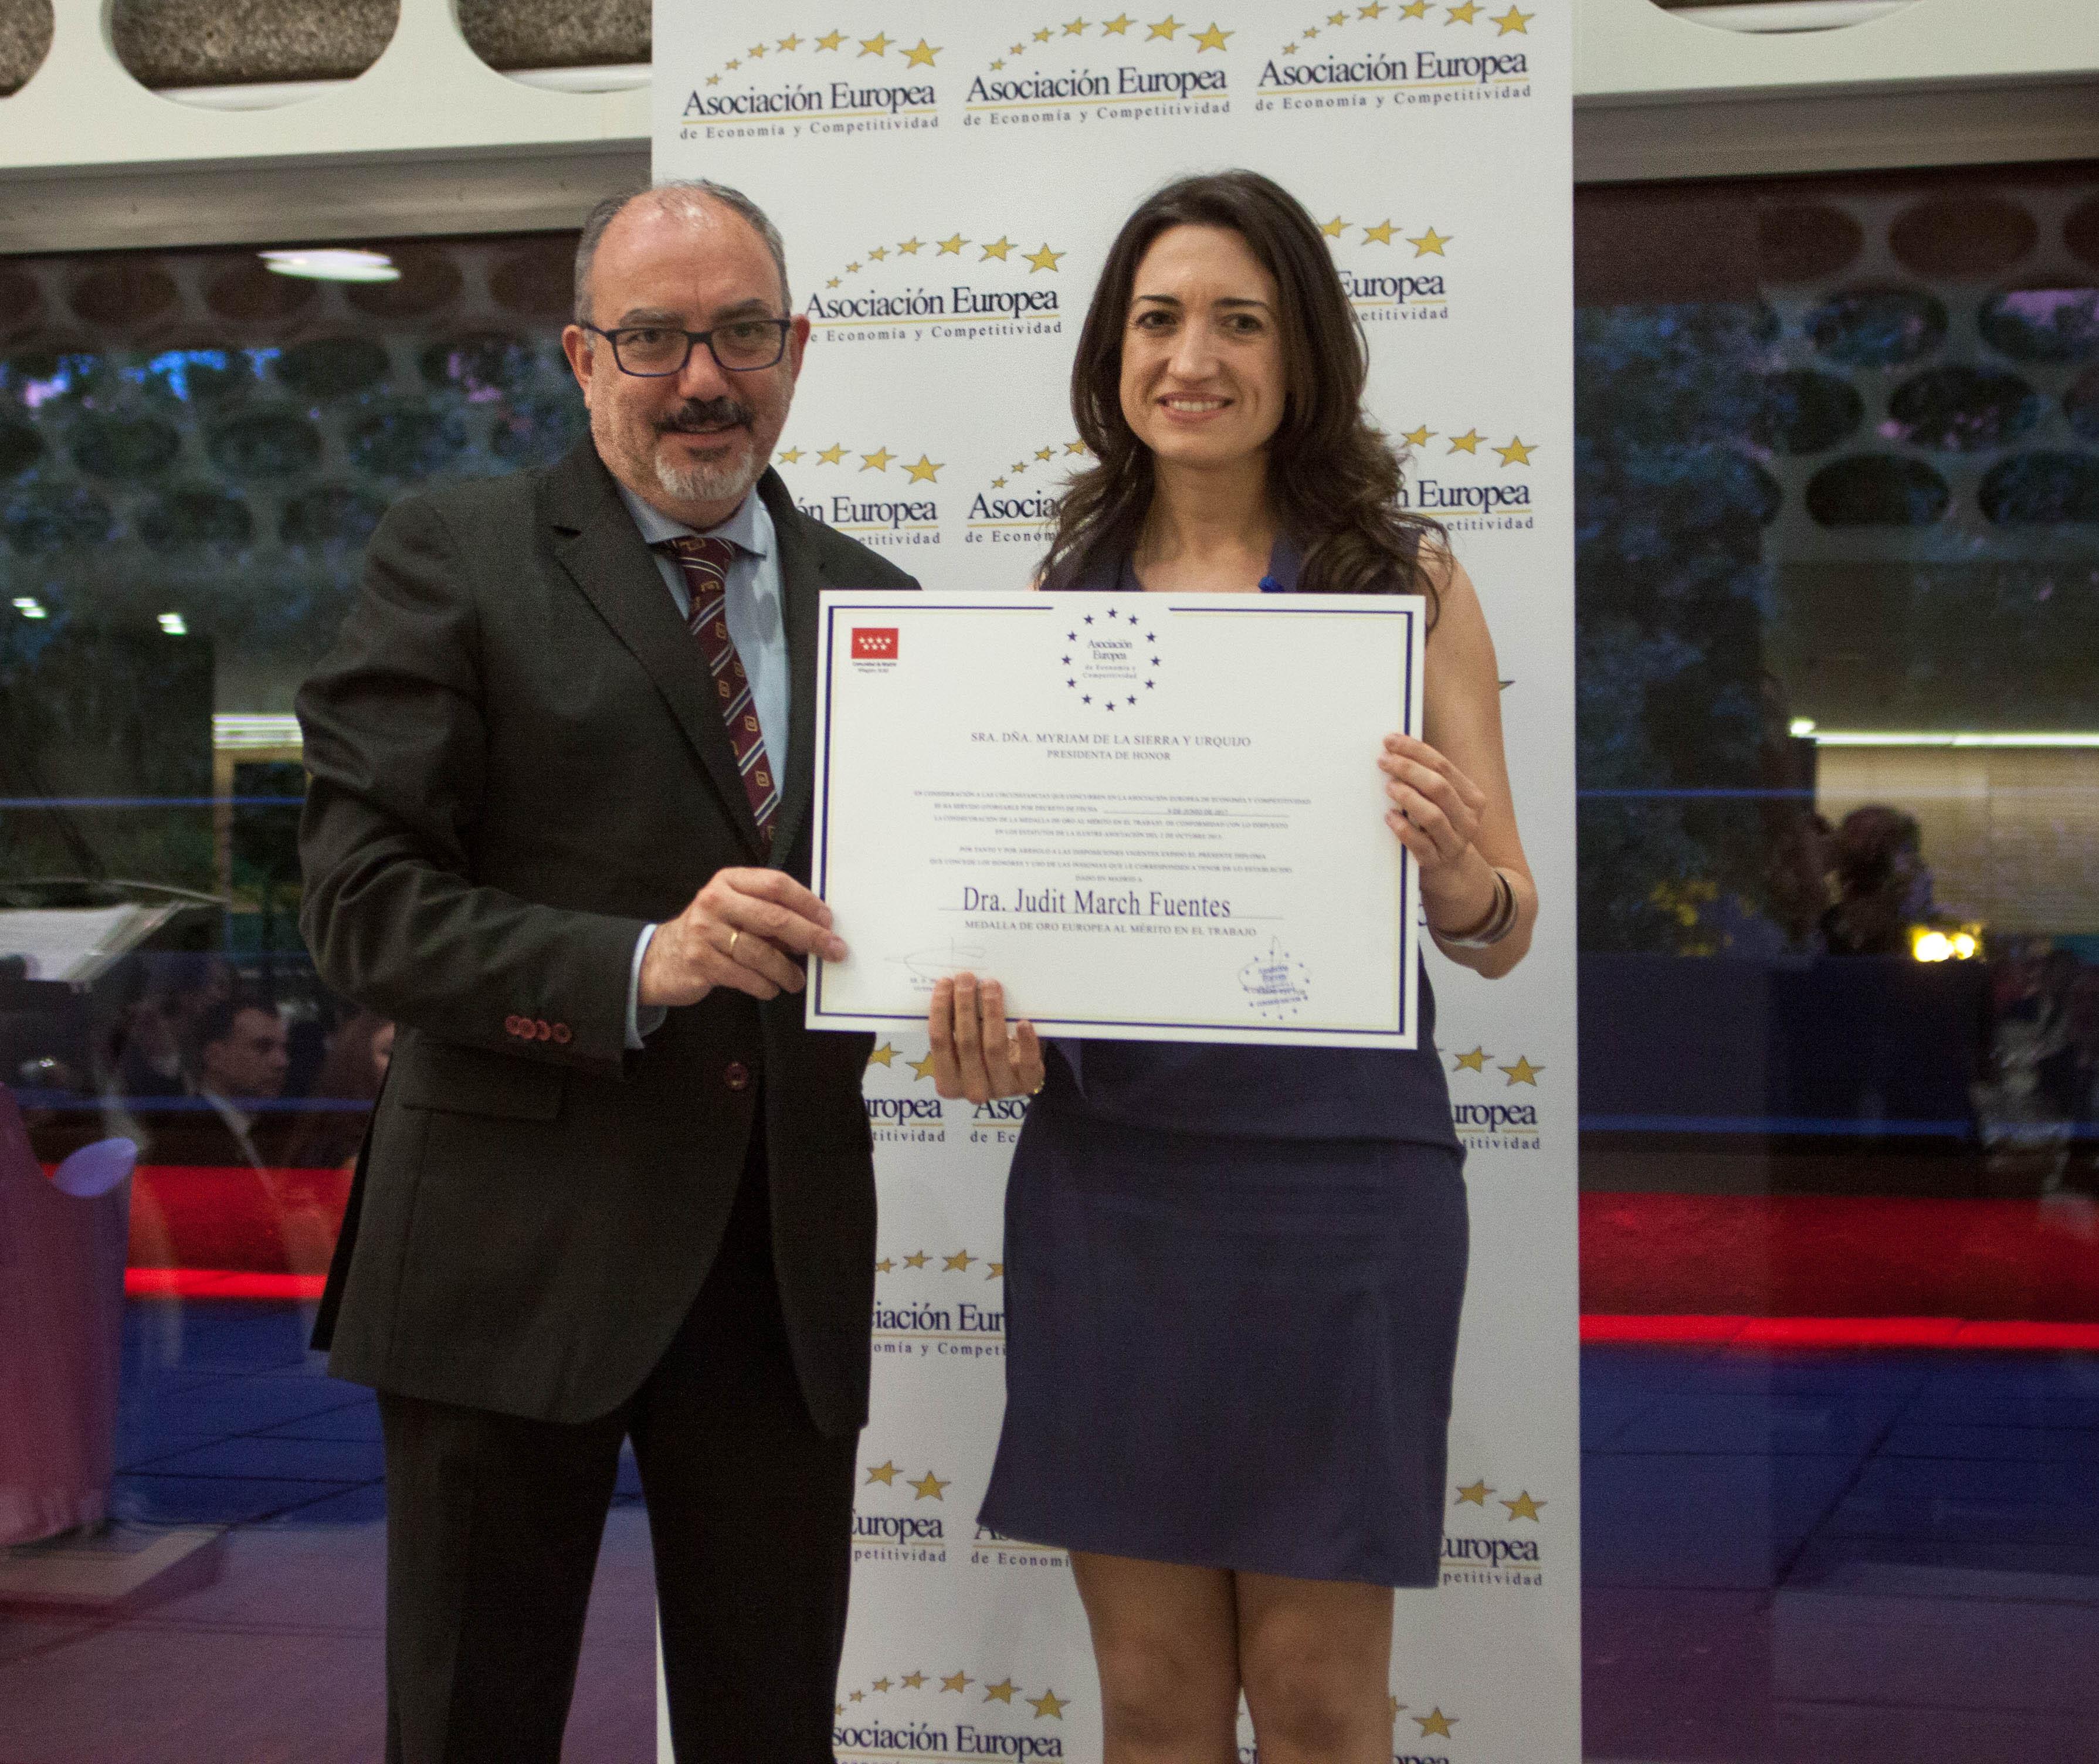 psicologa en Barcelona, judit march fuentes, colegio oficial de psicólogos